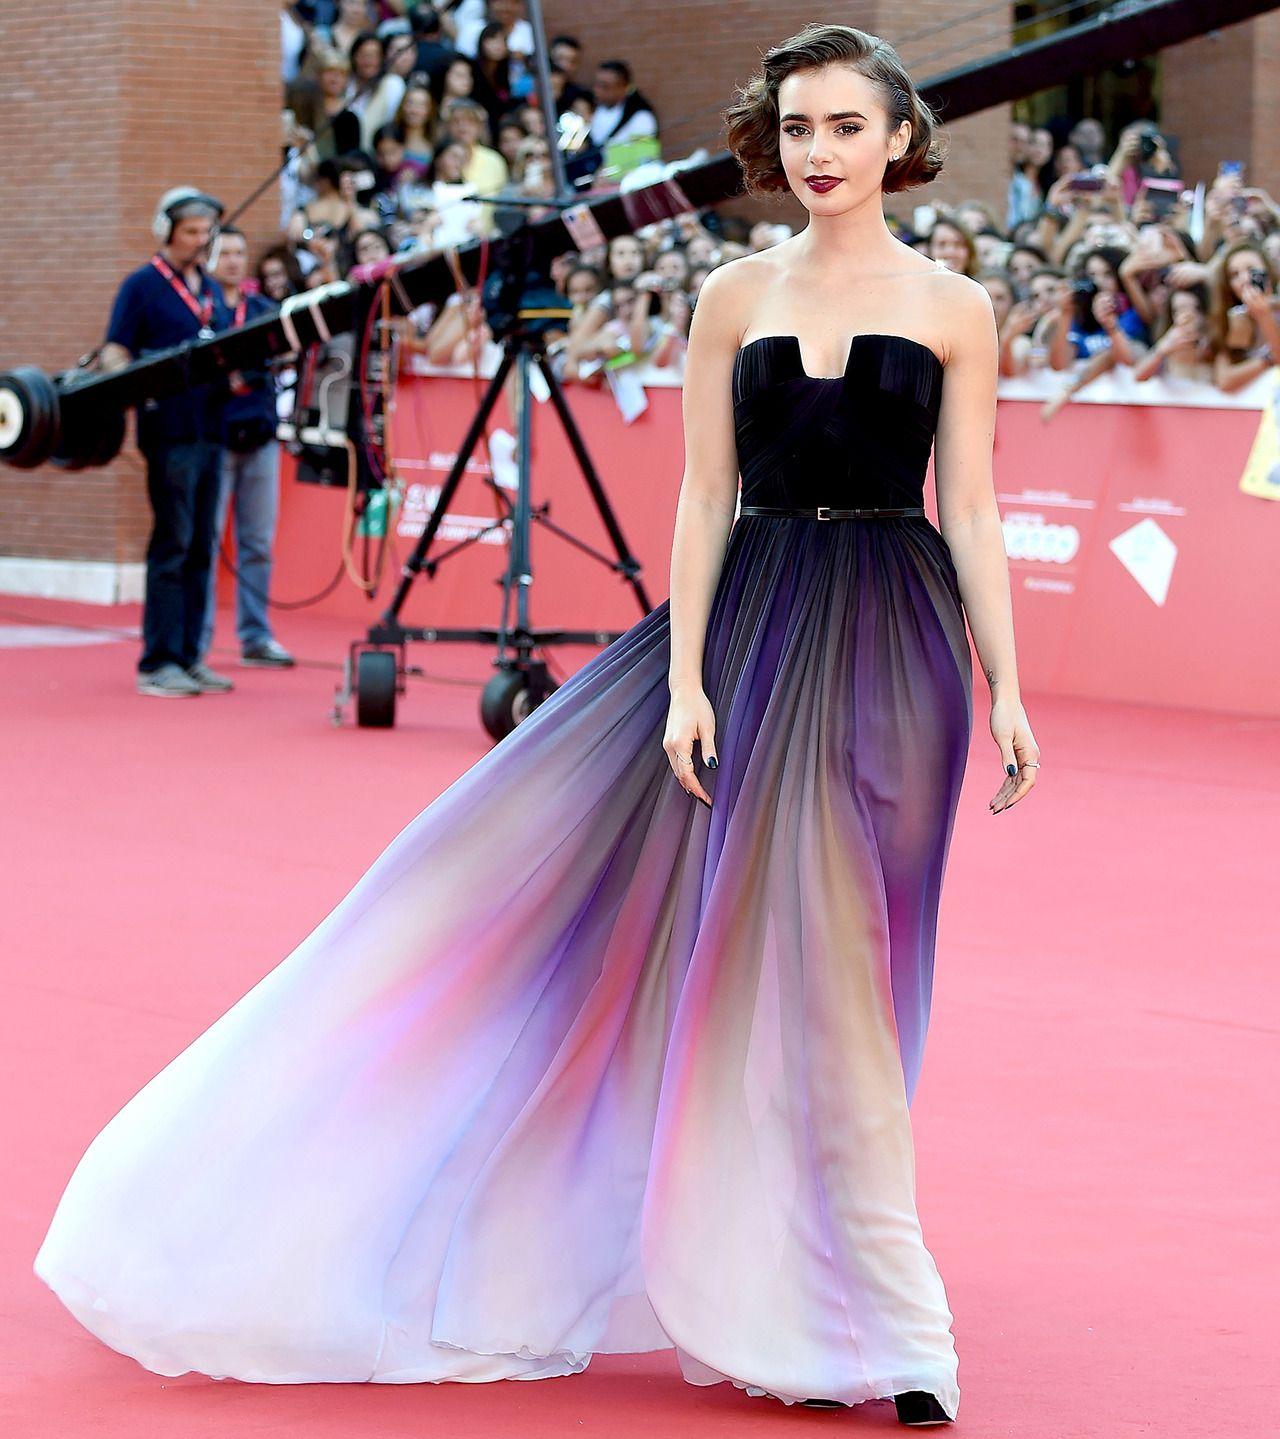 Lily Collins | belle donne famose | Pinterest | Actors